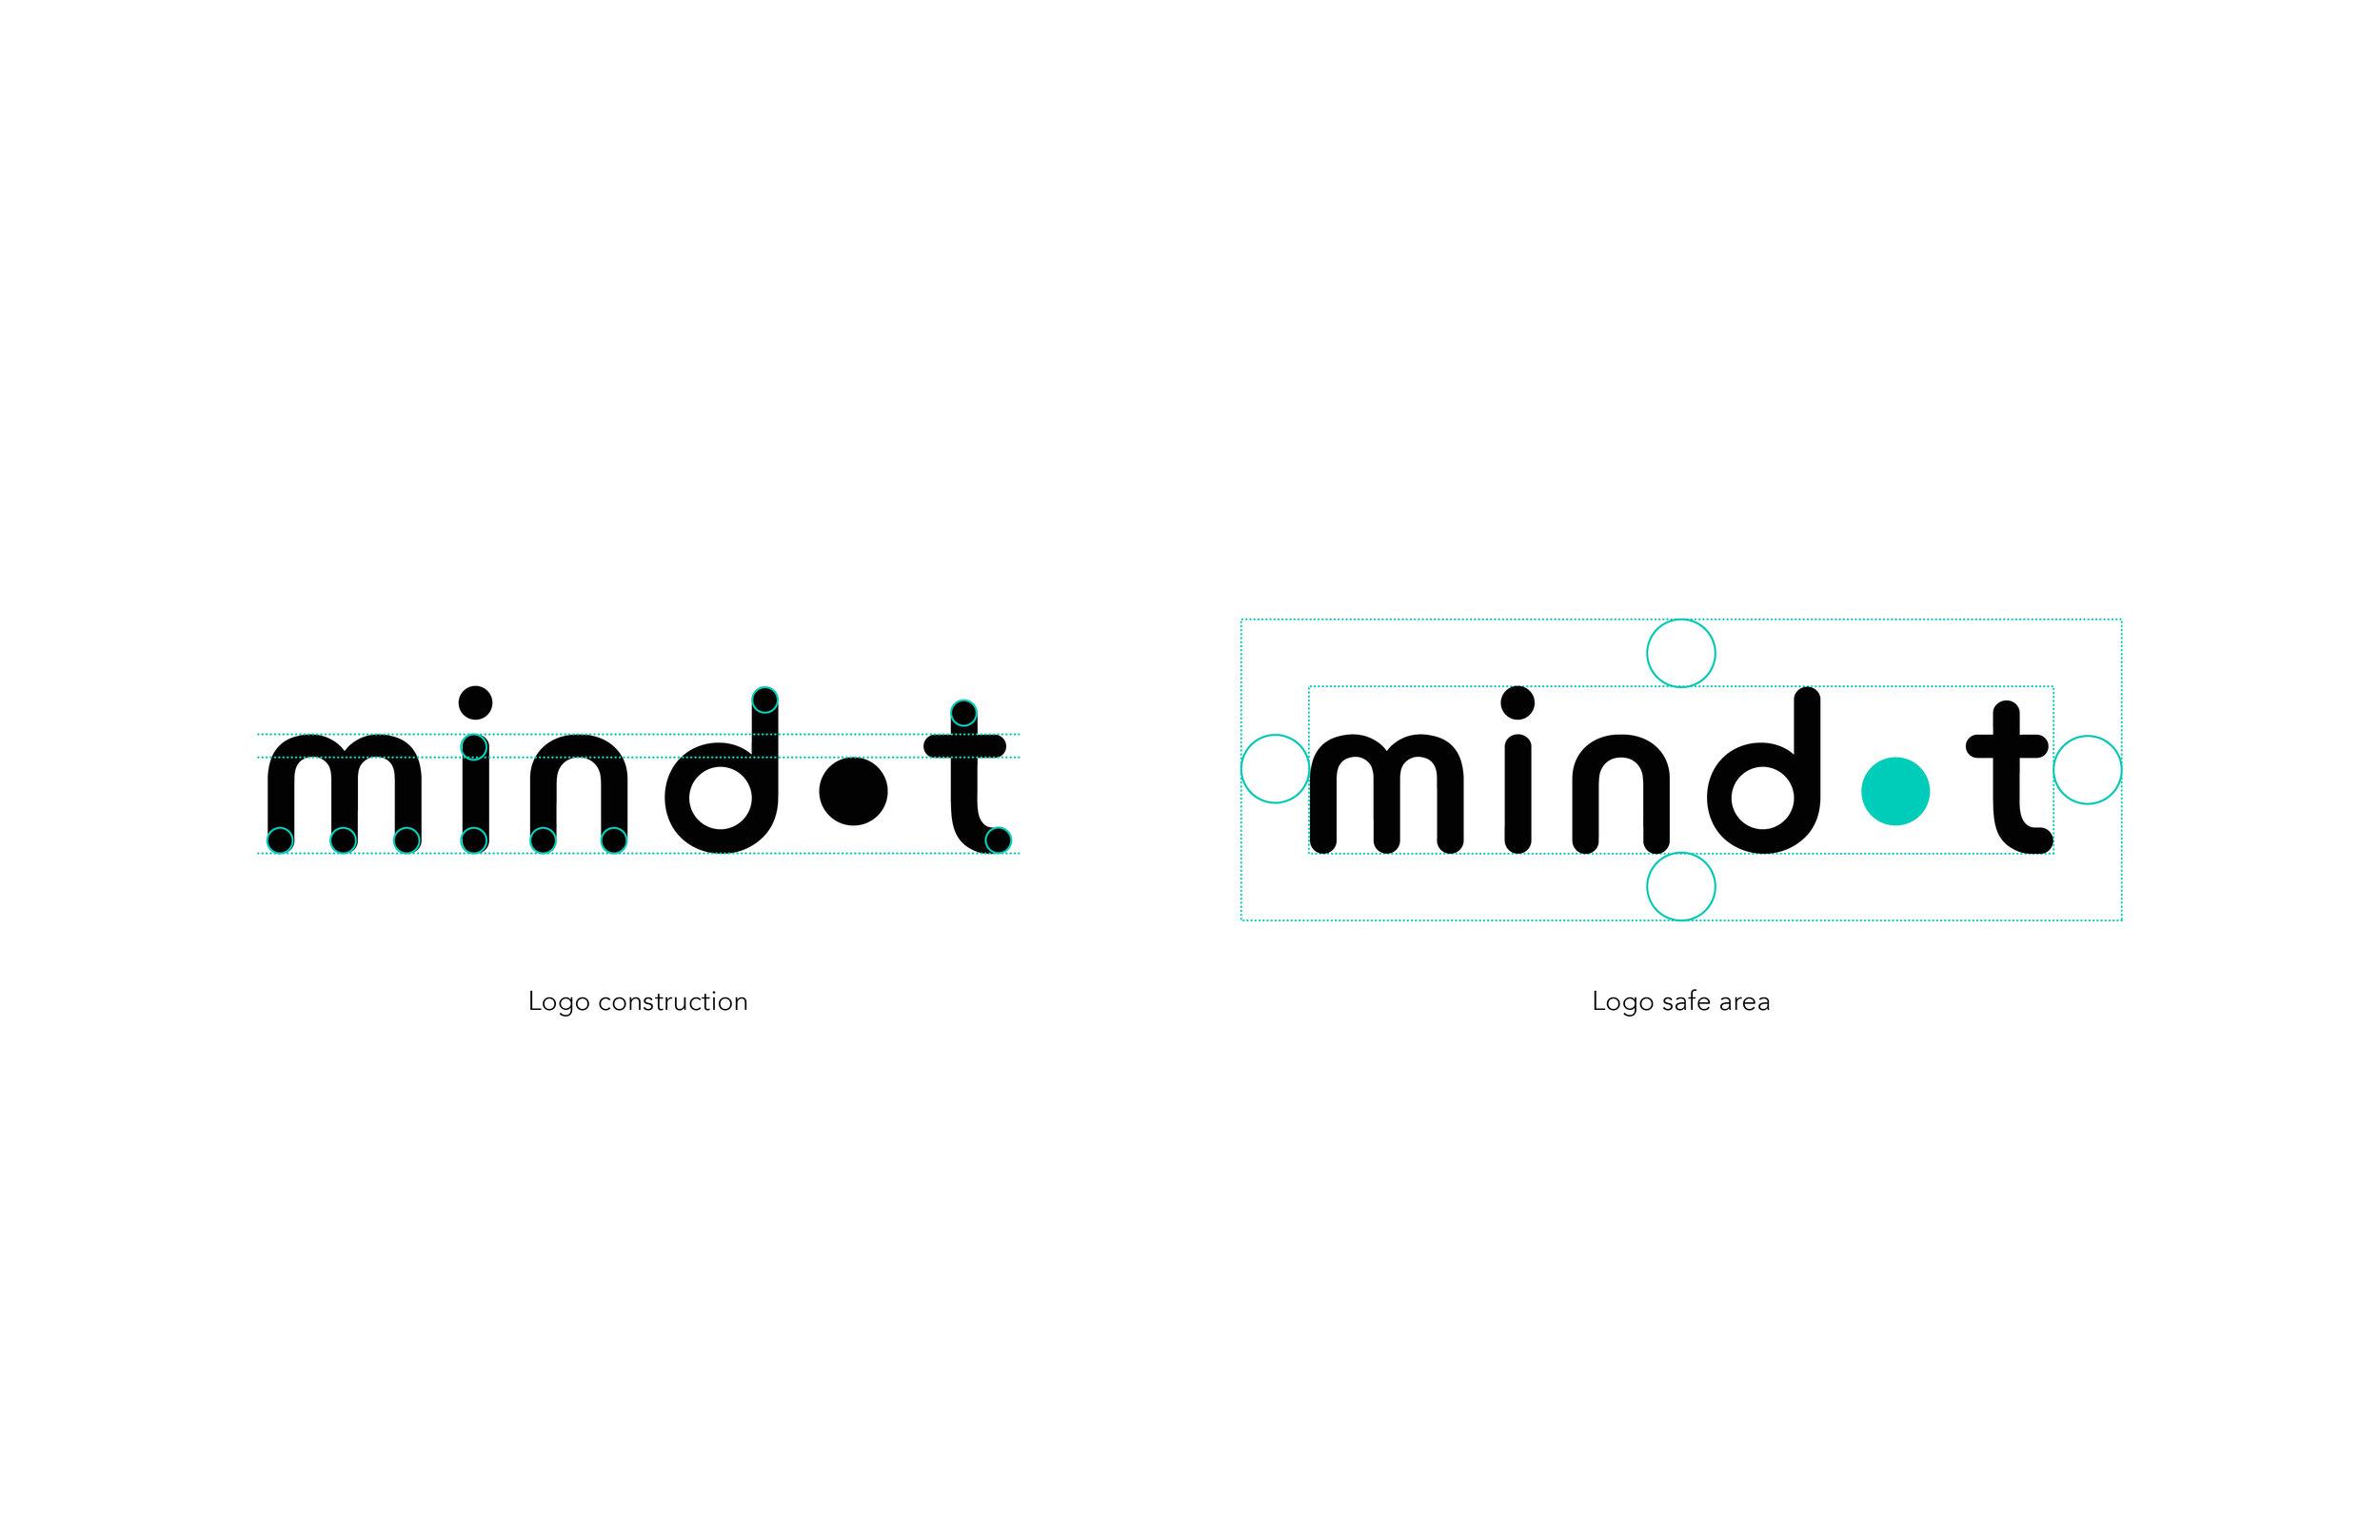 mindot_branding_12312016-03.jpg